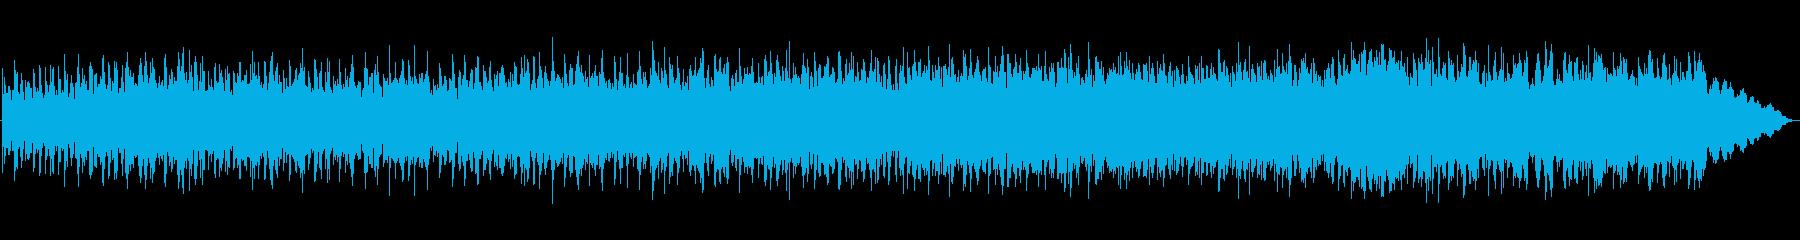 あかるくリズミカルでアフリカンな曲の再生済みの波形